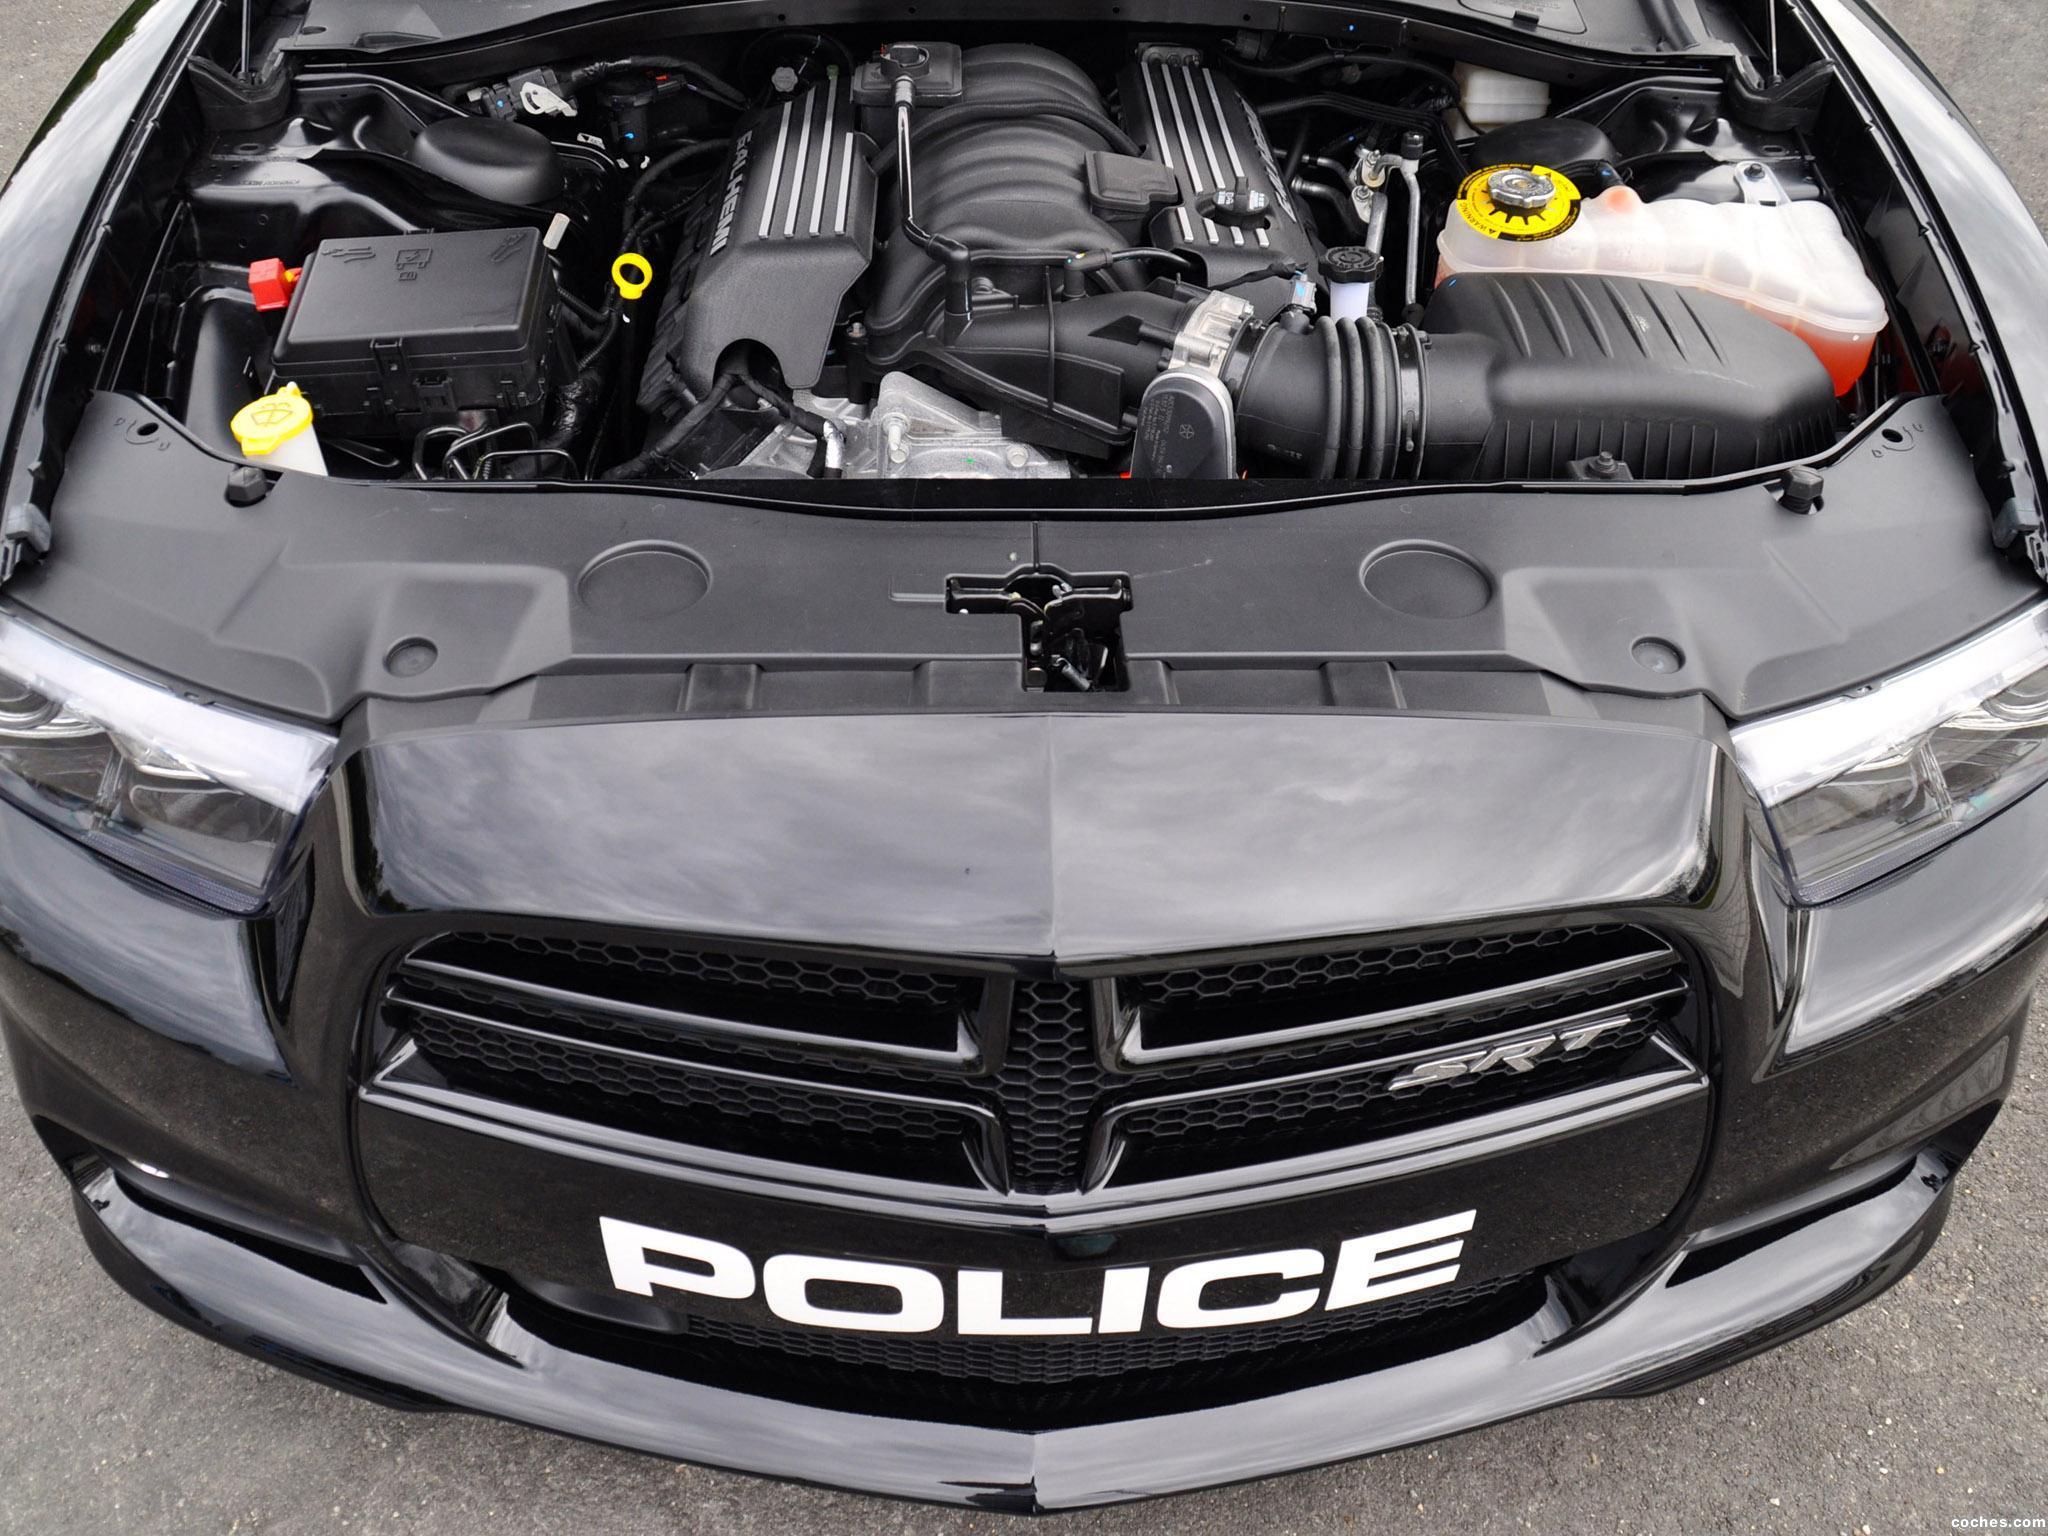 Fotos de Dodge Geiger Dodge Charger SRT8 Police Car 2013 ...